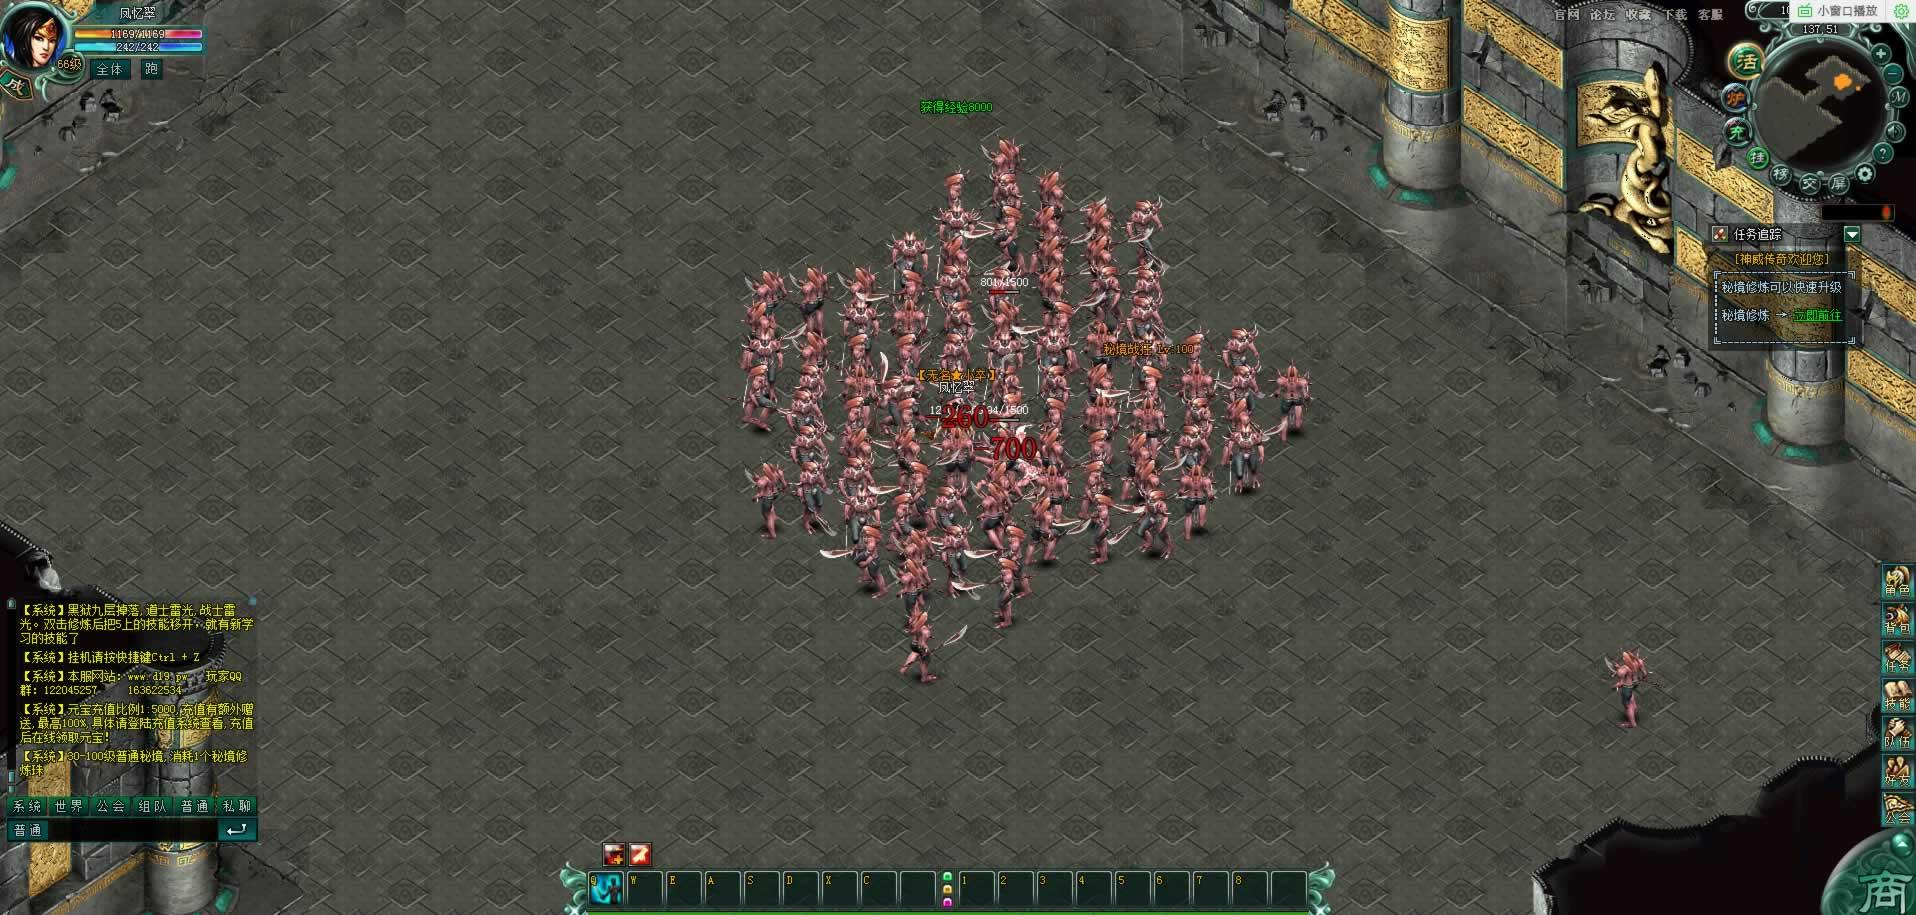 热舞传奇游戏截图3